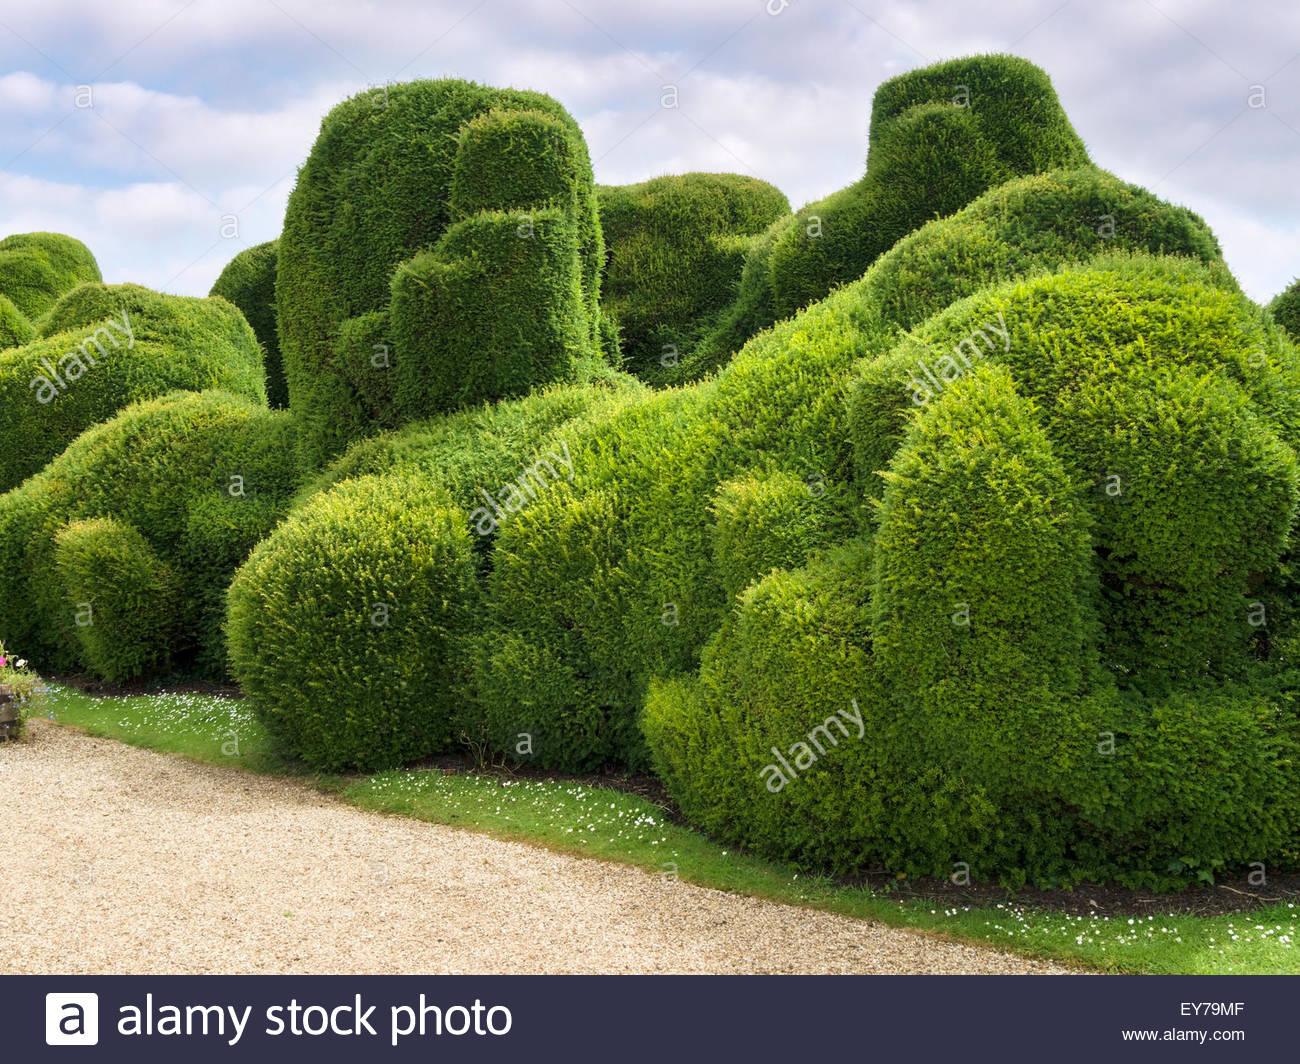 Elephant hedge in landscaped gardens of Rockingham Castle, Northamptonshire, England, UK. - Stock Image